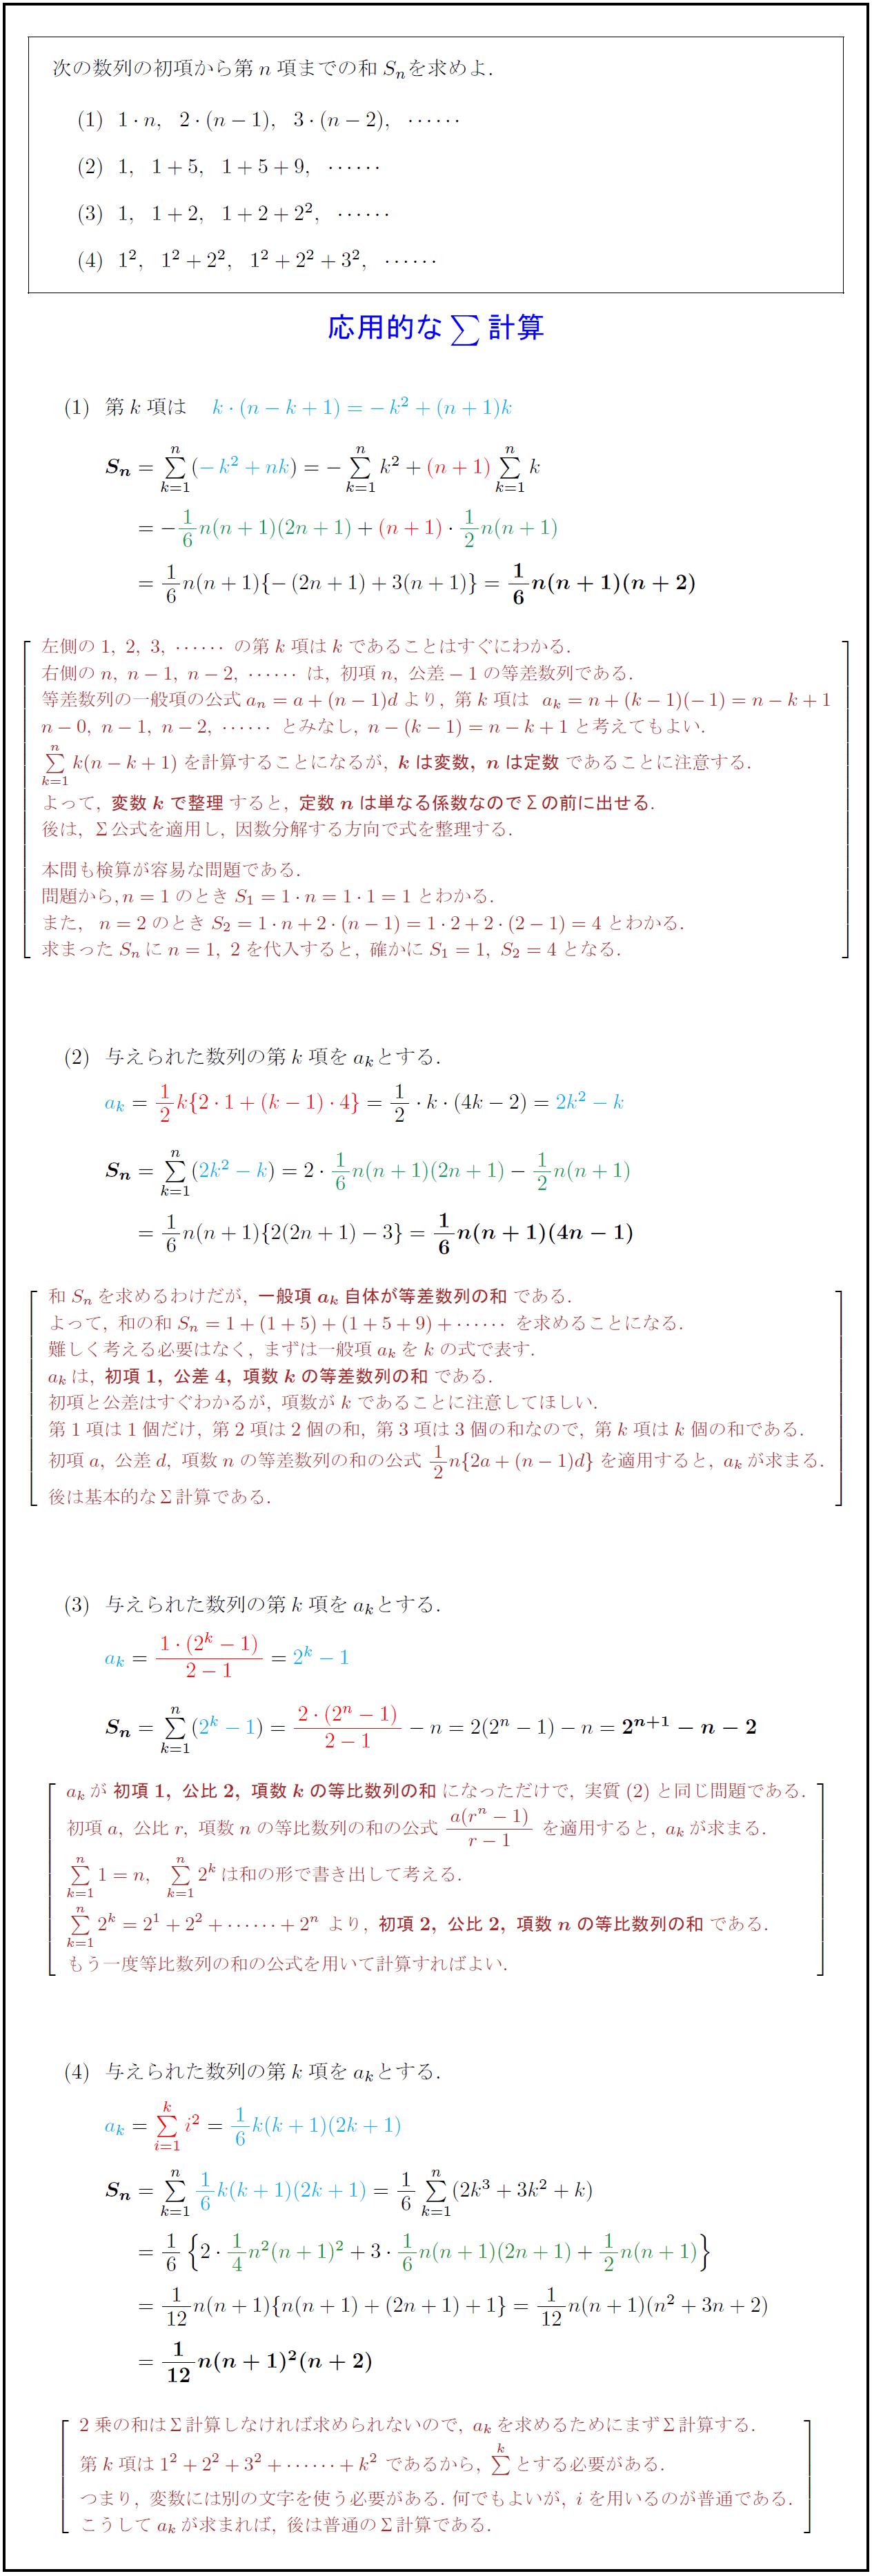 応用的なΣ計算(第k項にnを含む...